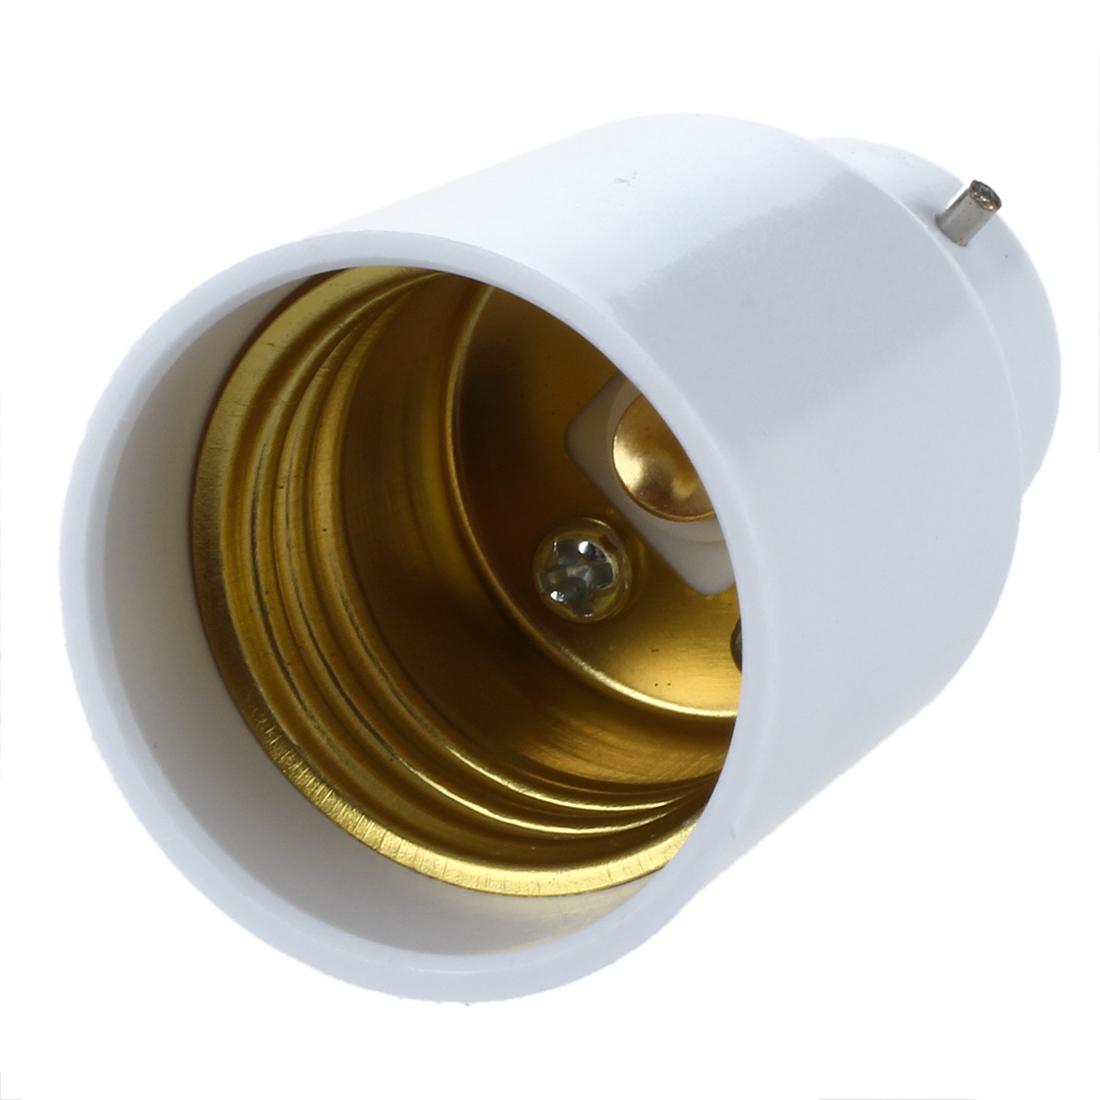 2x vis e27 a culot a baionnette b22 ampoule lampe. Black Bedroom Furniture Sets. Home Design Ideas